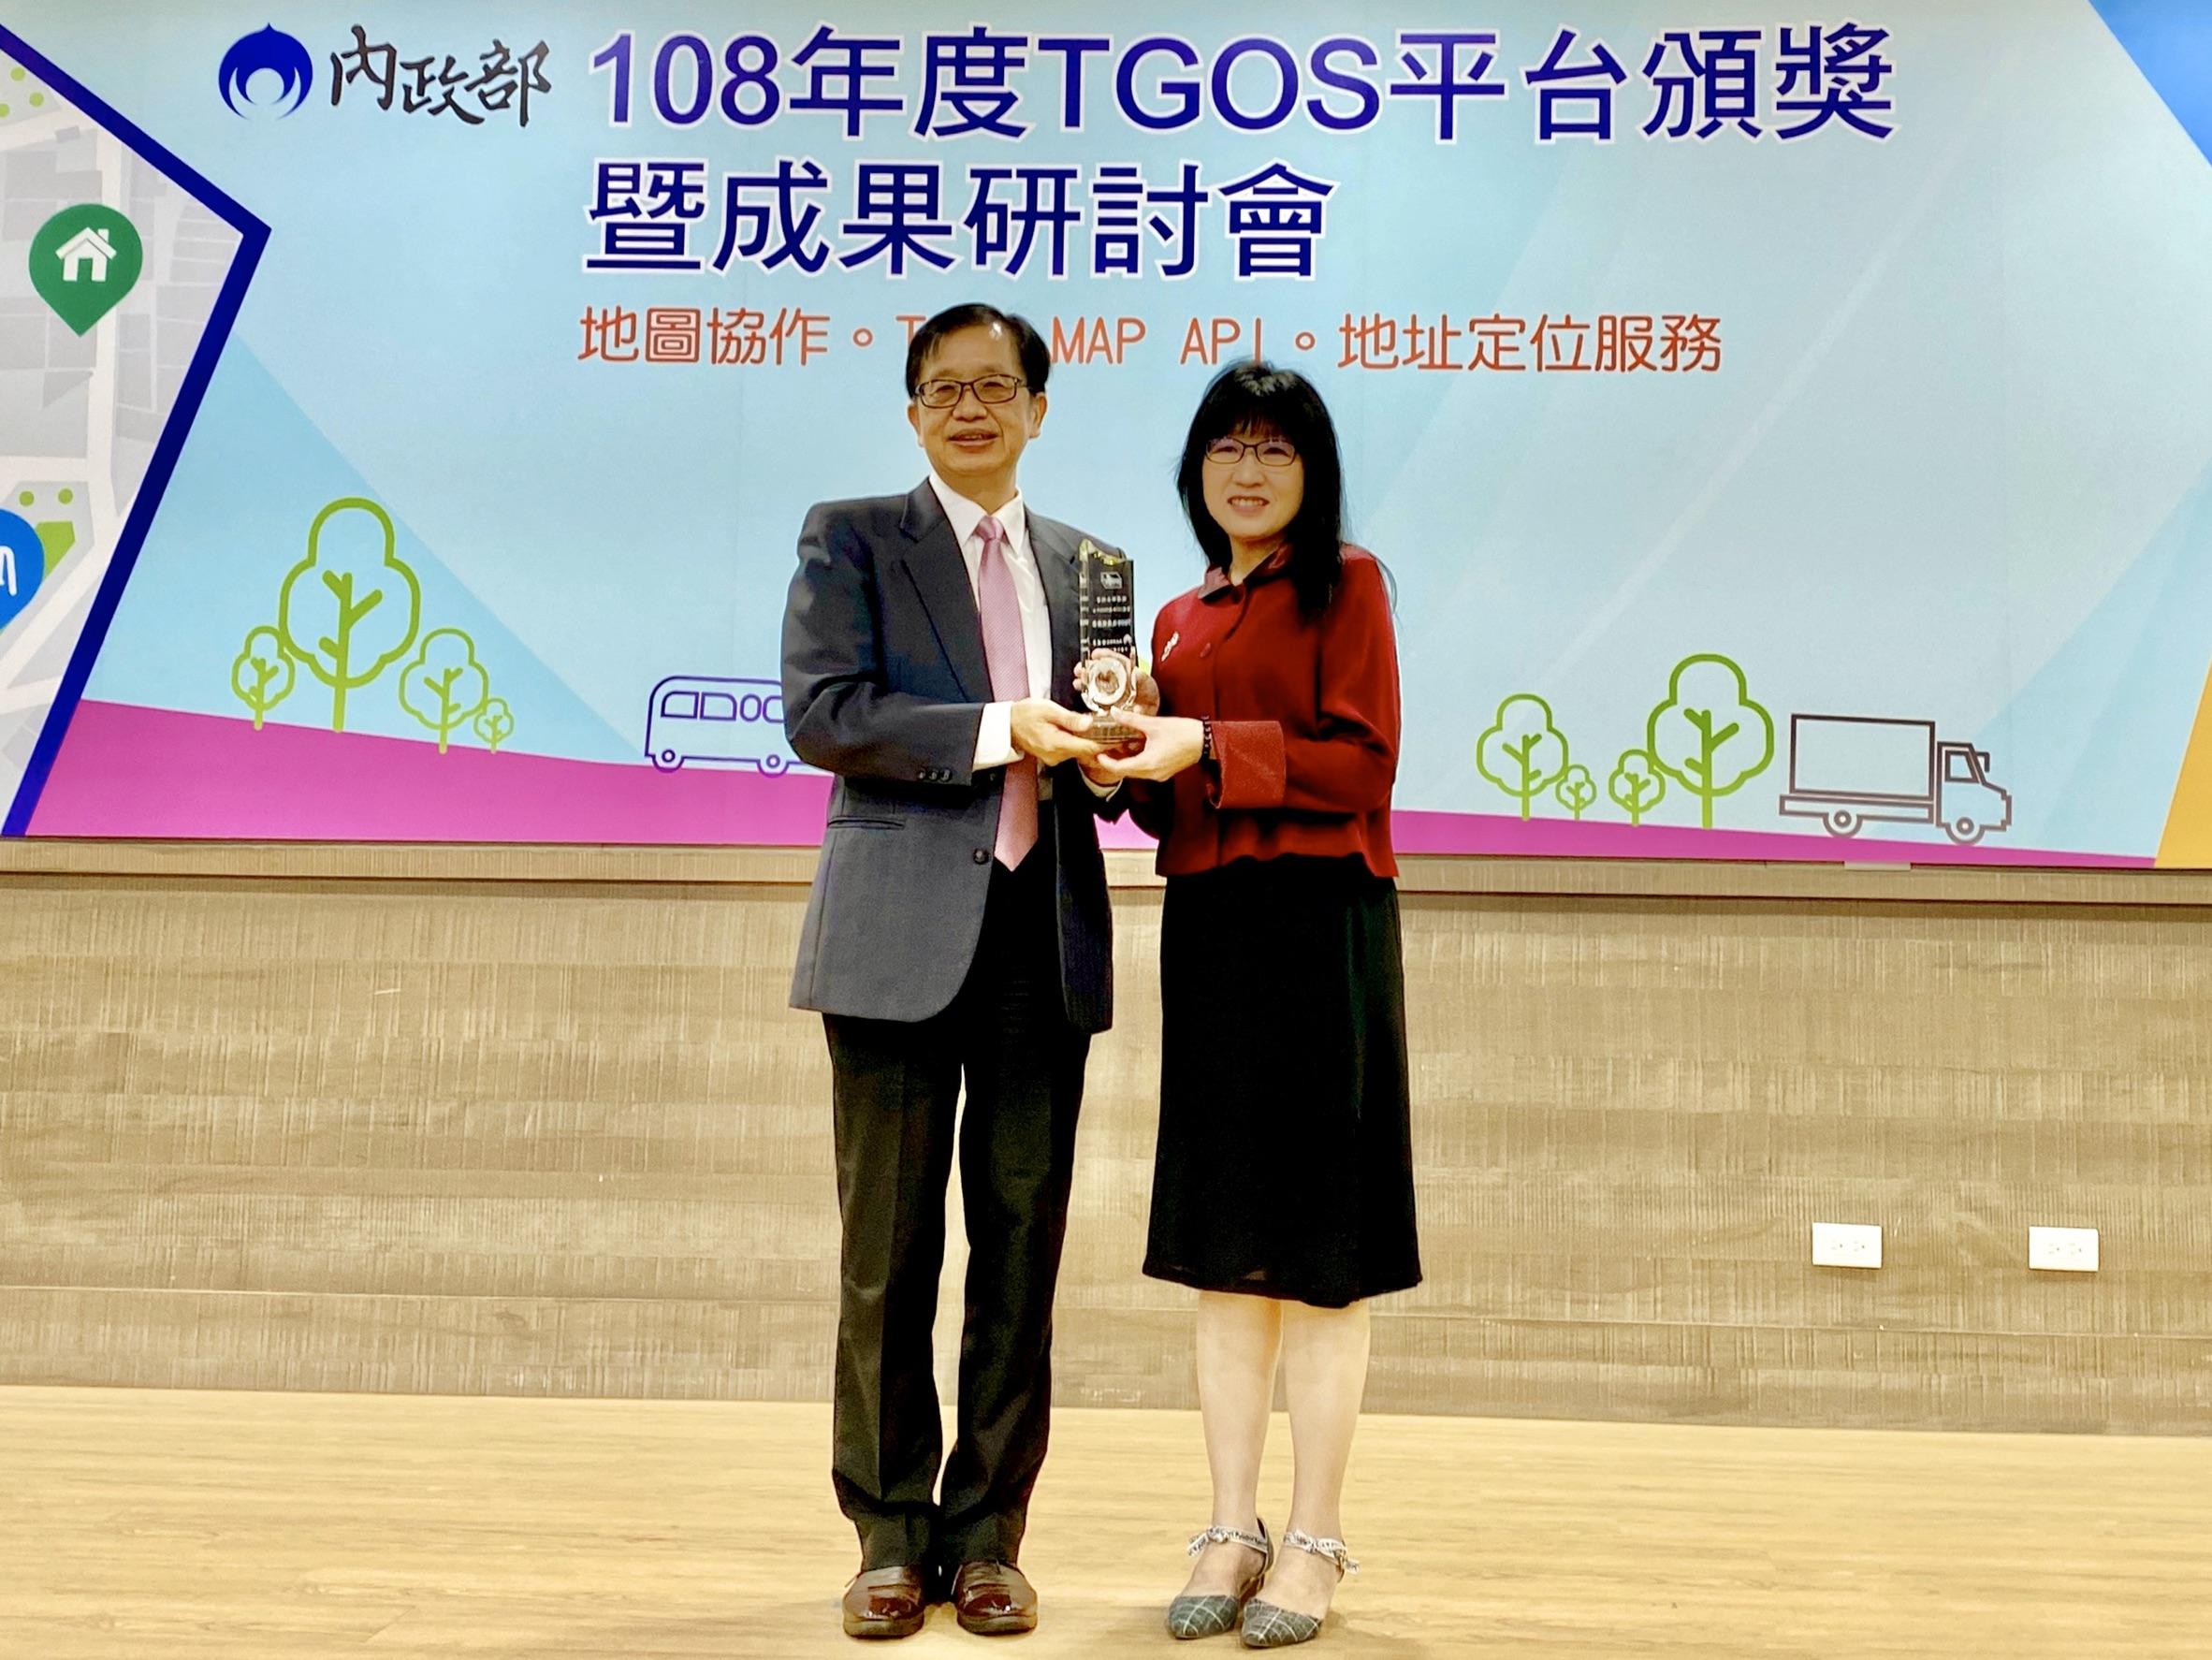 1081120-地理資訊平台-獲TGOS流通服務獎_圖示